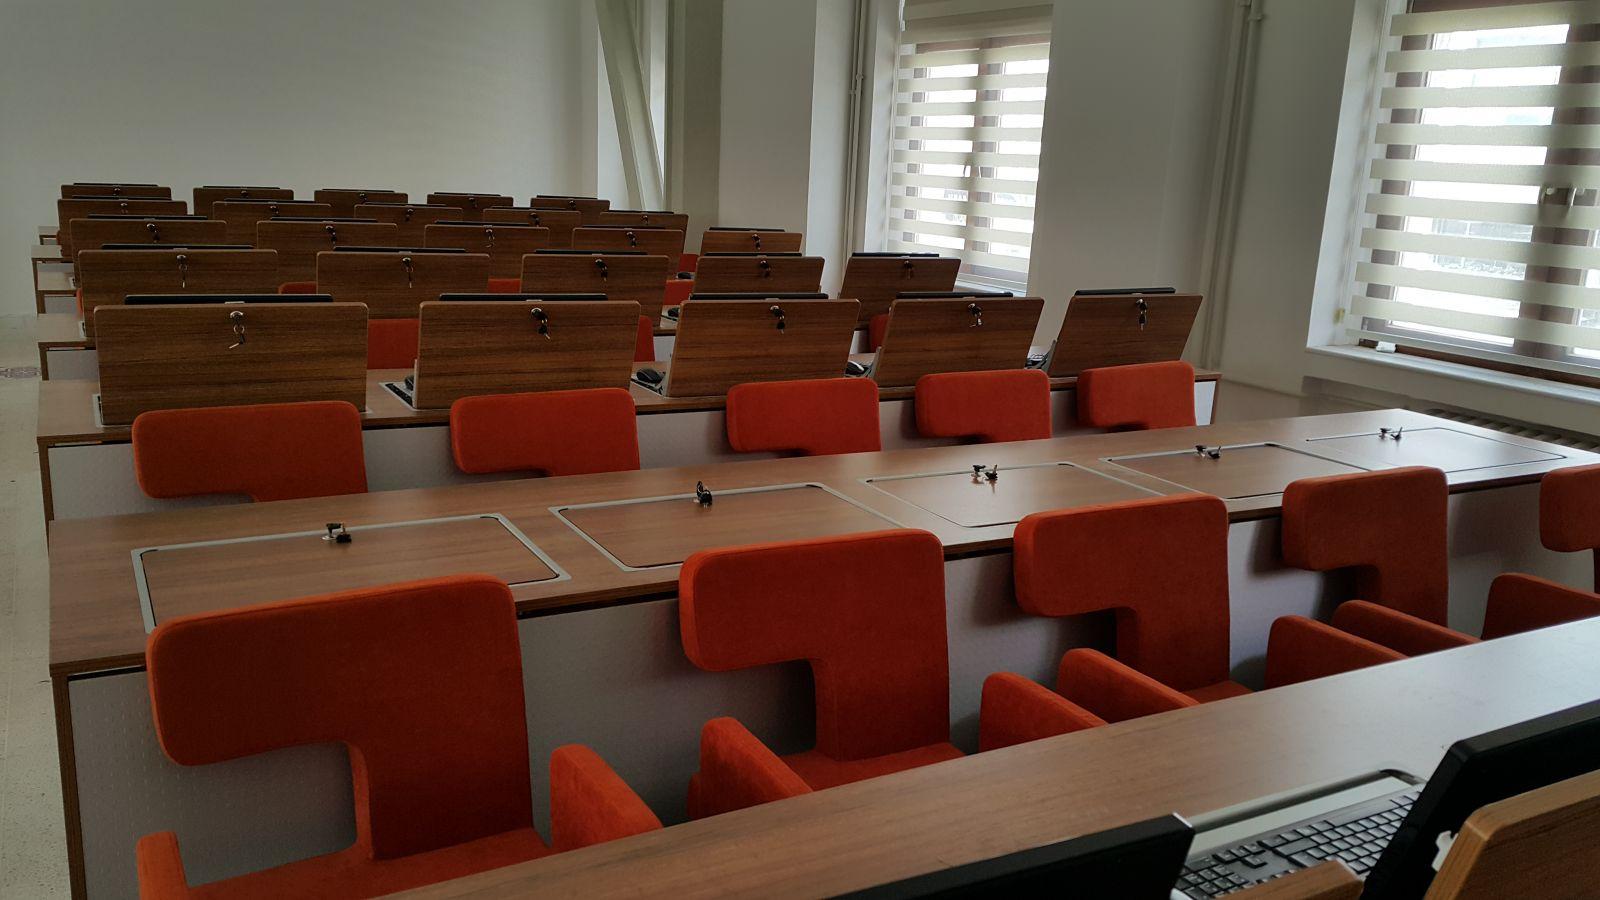 İstanbul Üniversitesi                                                                                                                                                                        Fen Fakültesi                                                                                                                                                                Sekiz Ofis Özel Tasarım